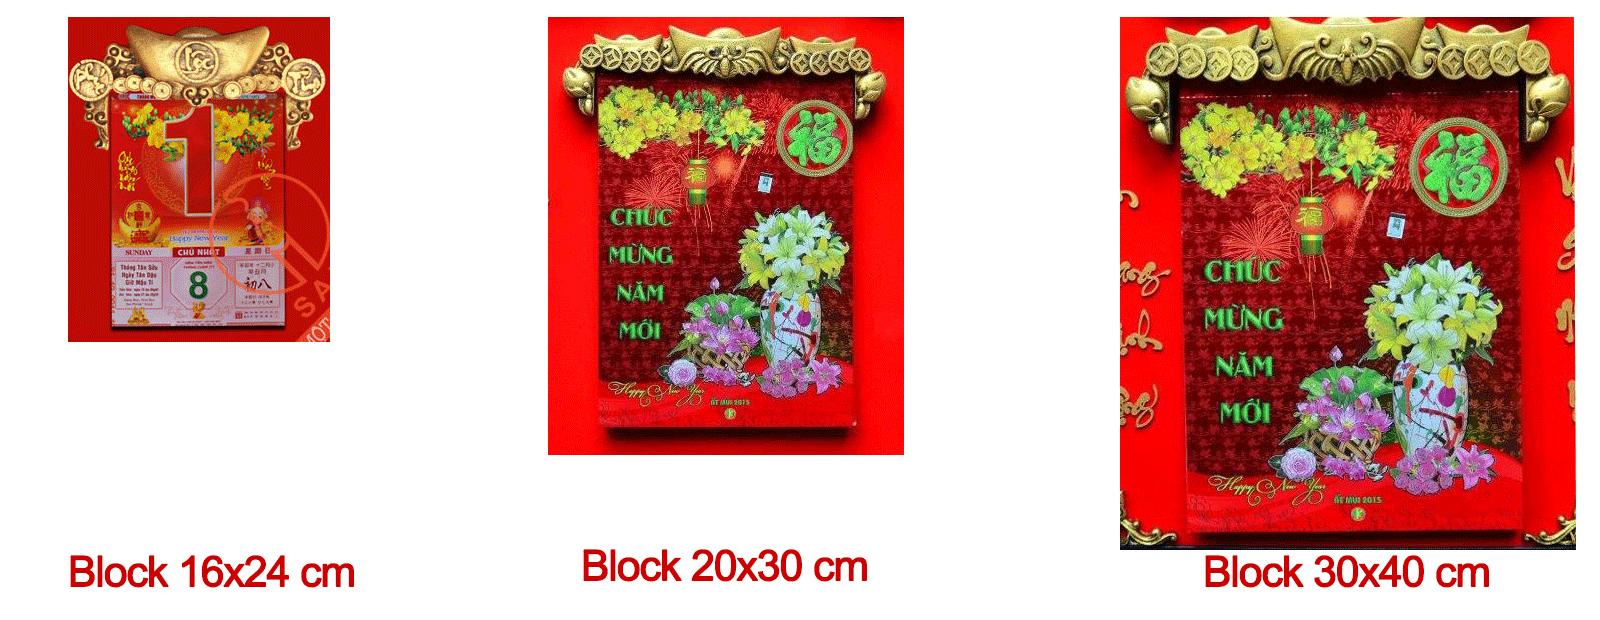 3 kích thước block lịch cho Lịch Phù Điêu